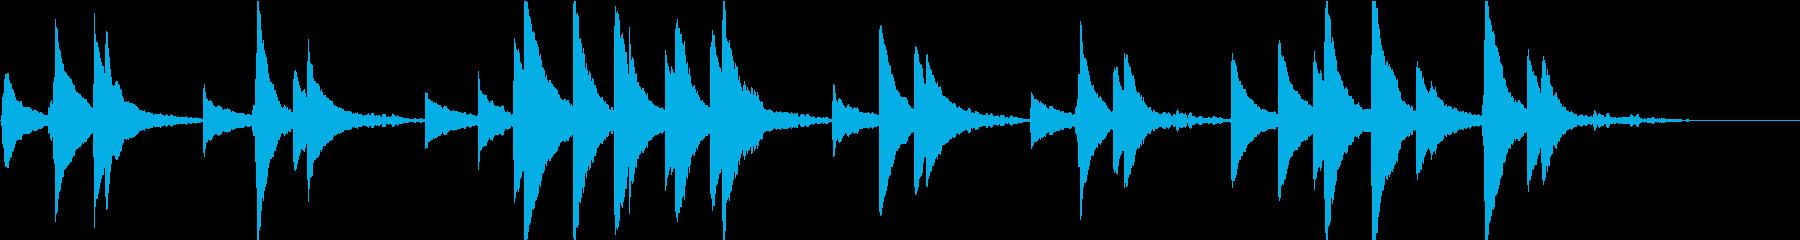 婚礼の合唱(オルゴール)ショートの再生済みの波形